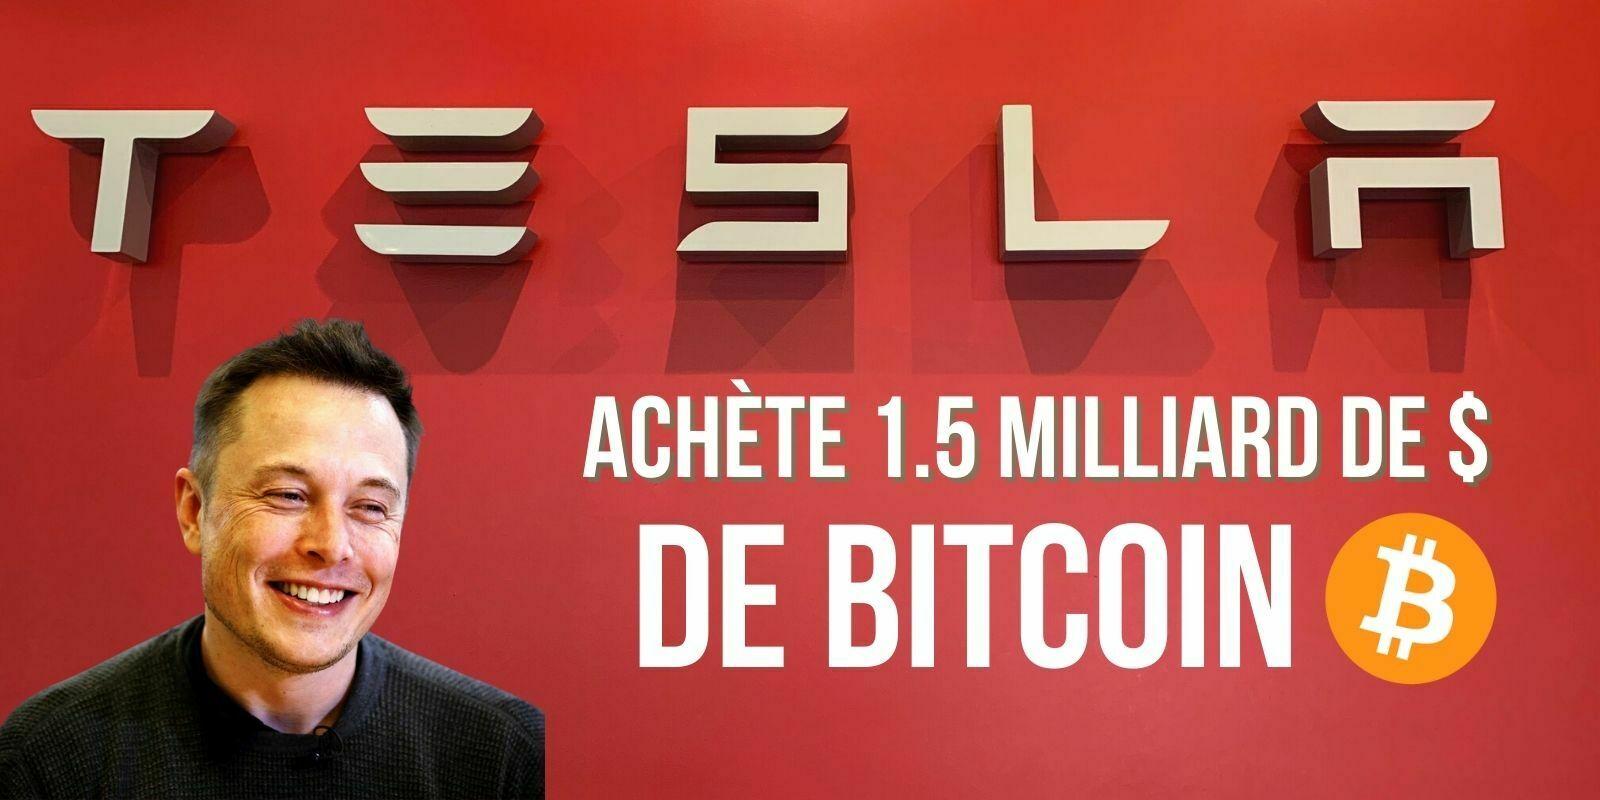 Tesla investit 1,5 milliard de dollars dans le Bitcoin, le cours du BTC explose à la hausse